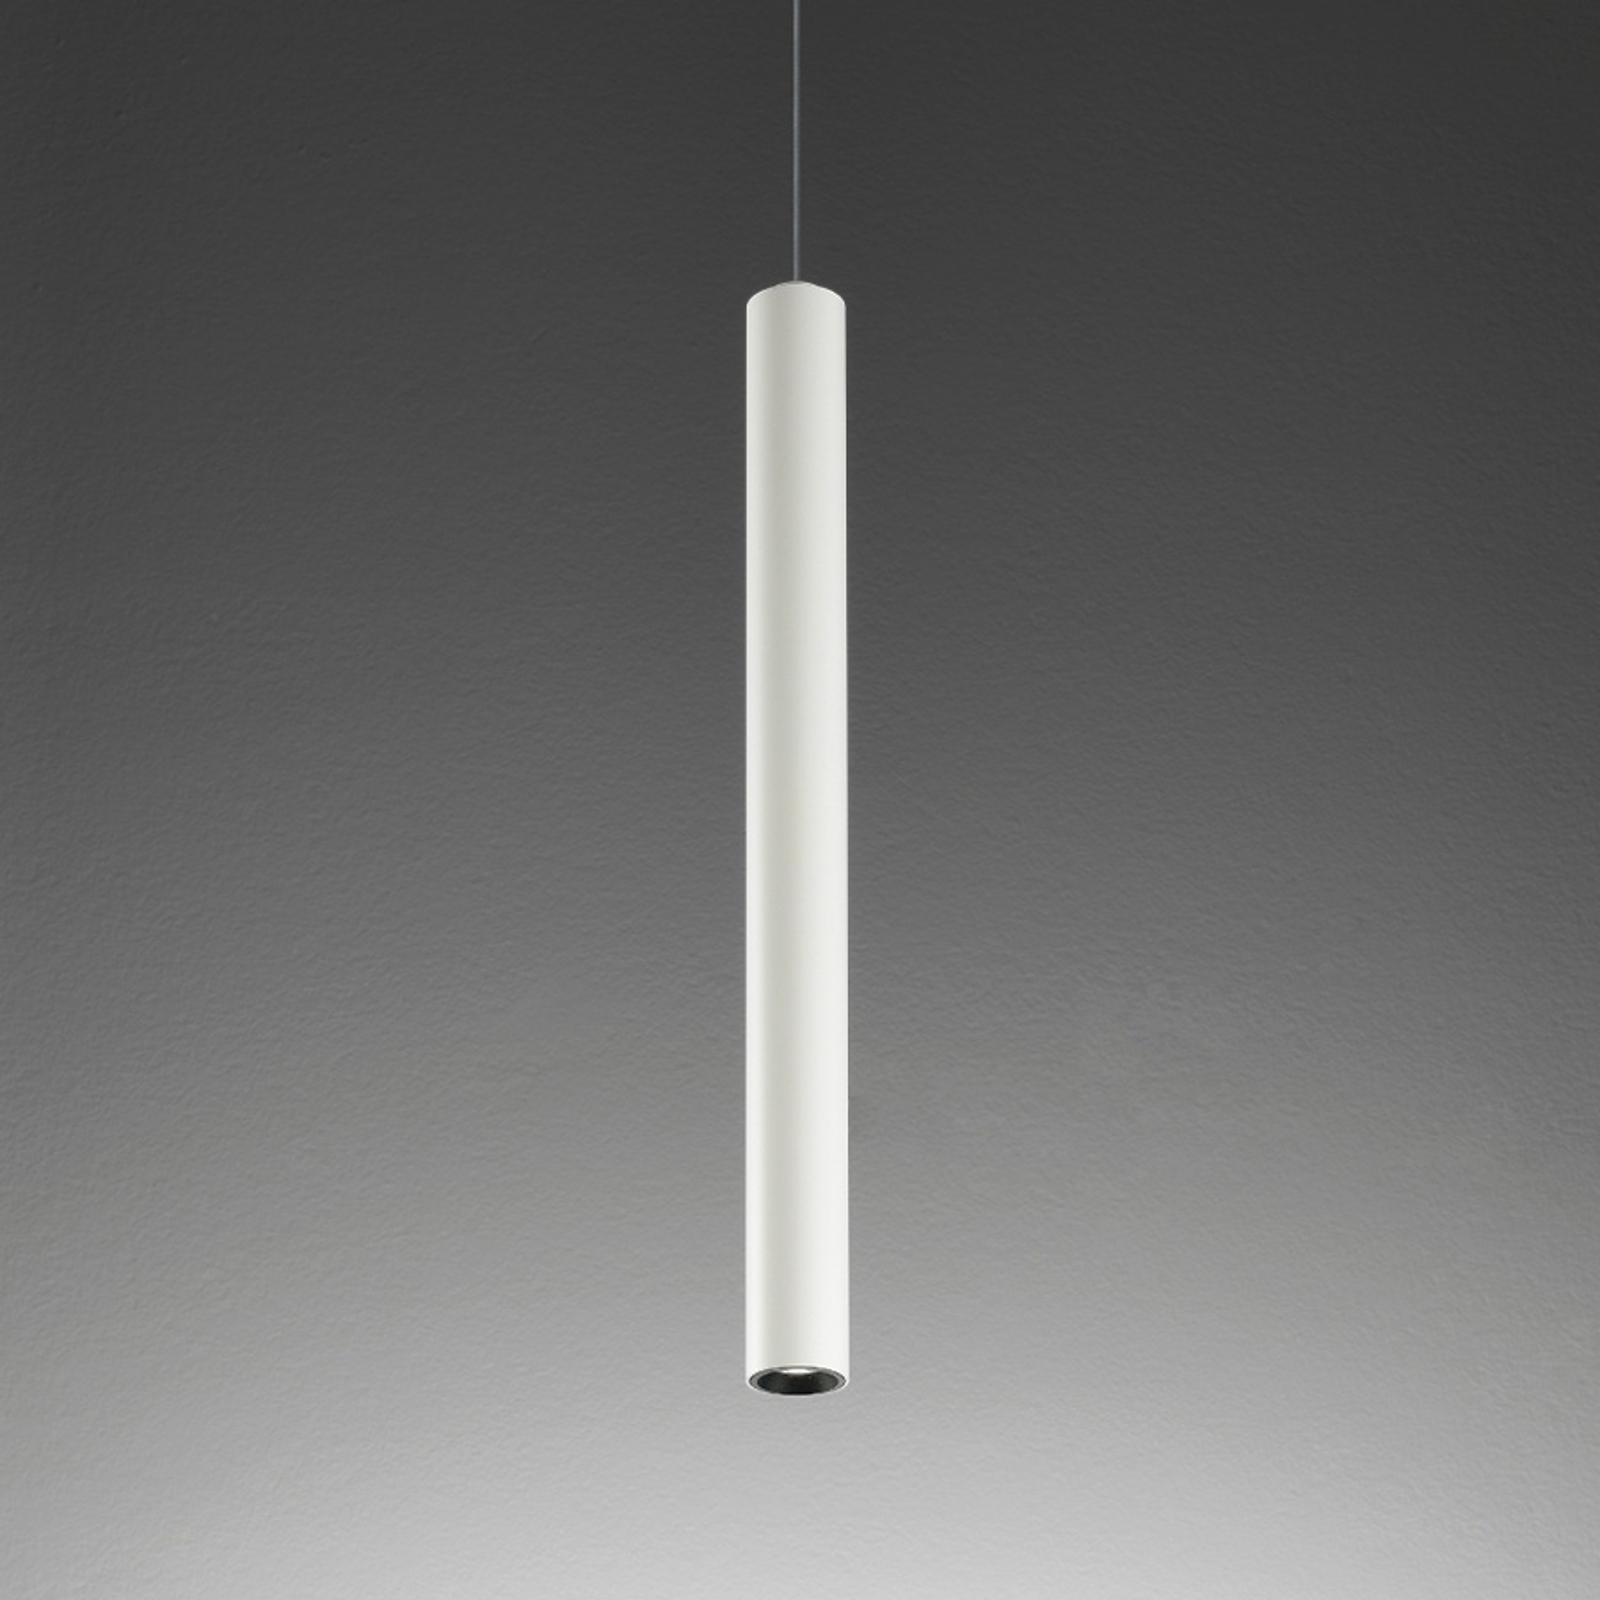 Lilli LED-hængelampe